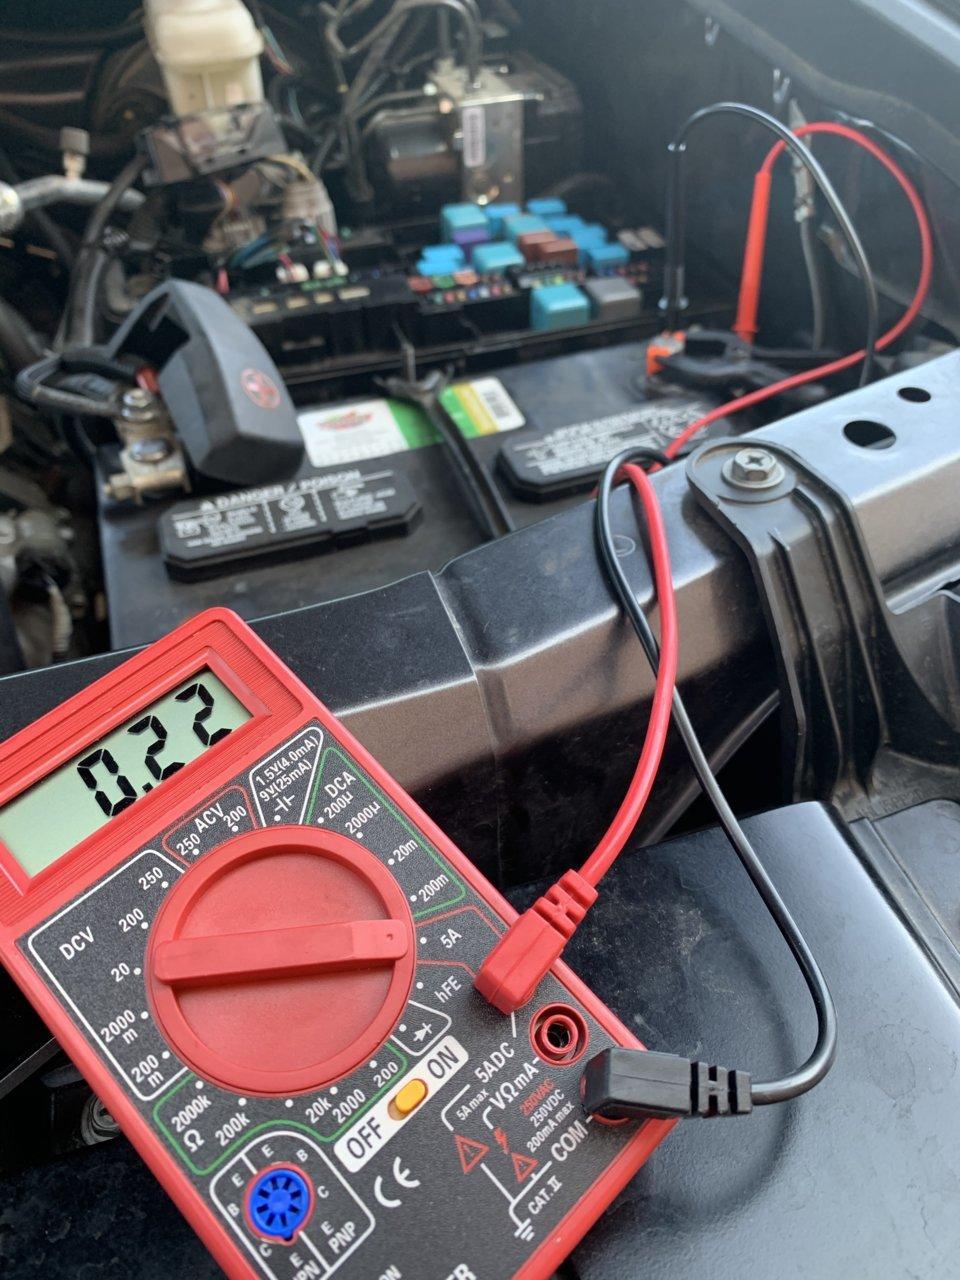 AE8A9C00-DDF0-48FE-8287-8E2E112D846C.jpg